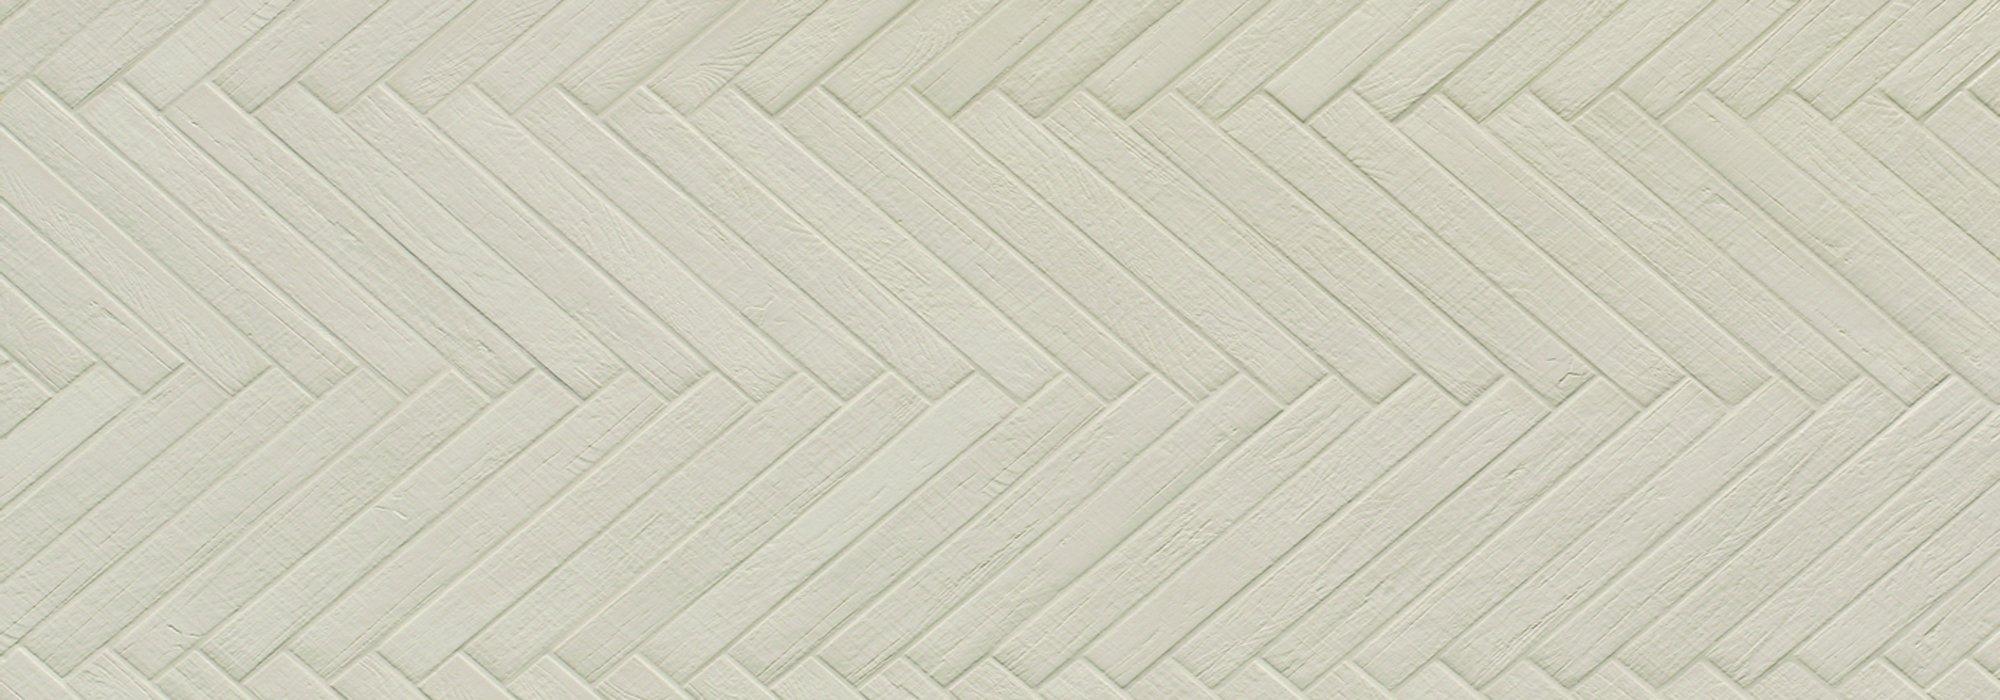 אריח אקסטרוזיה נורדיק רופה by Milstone